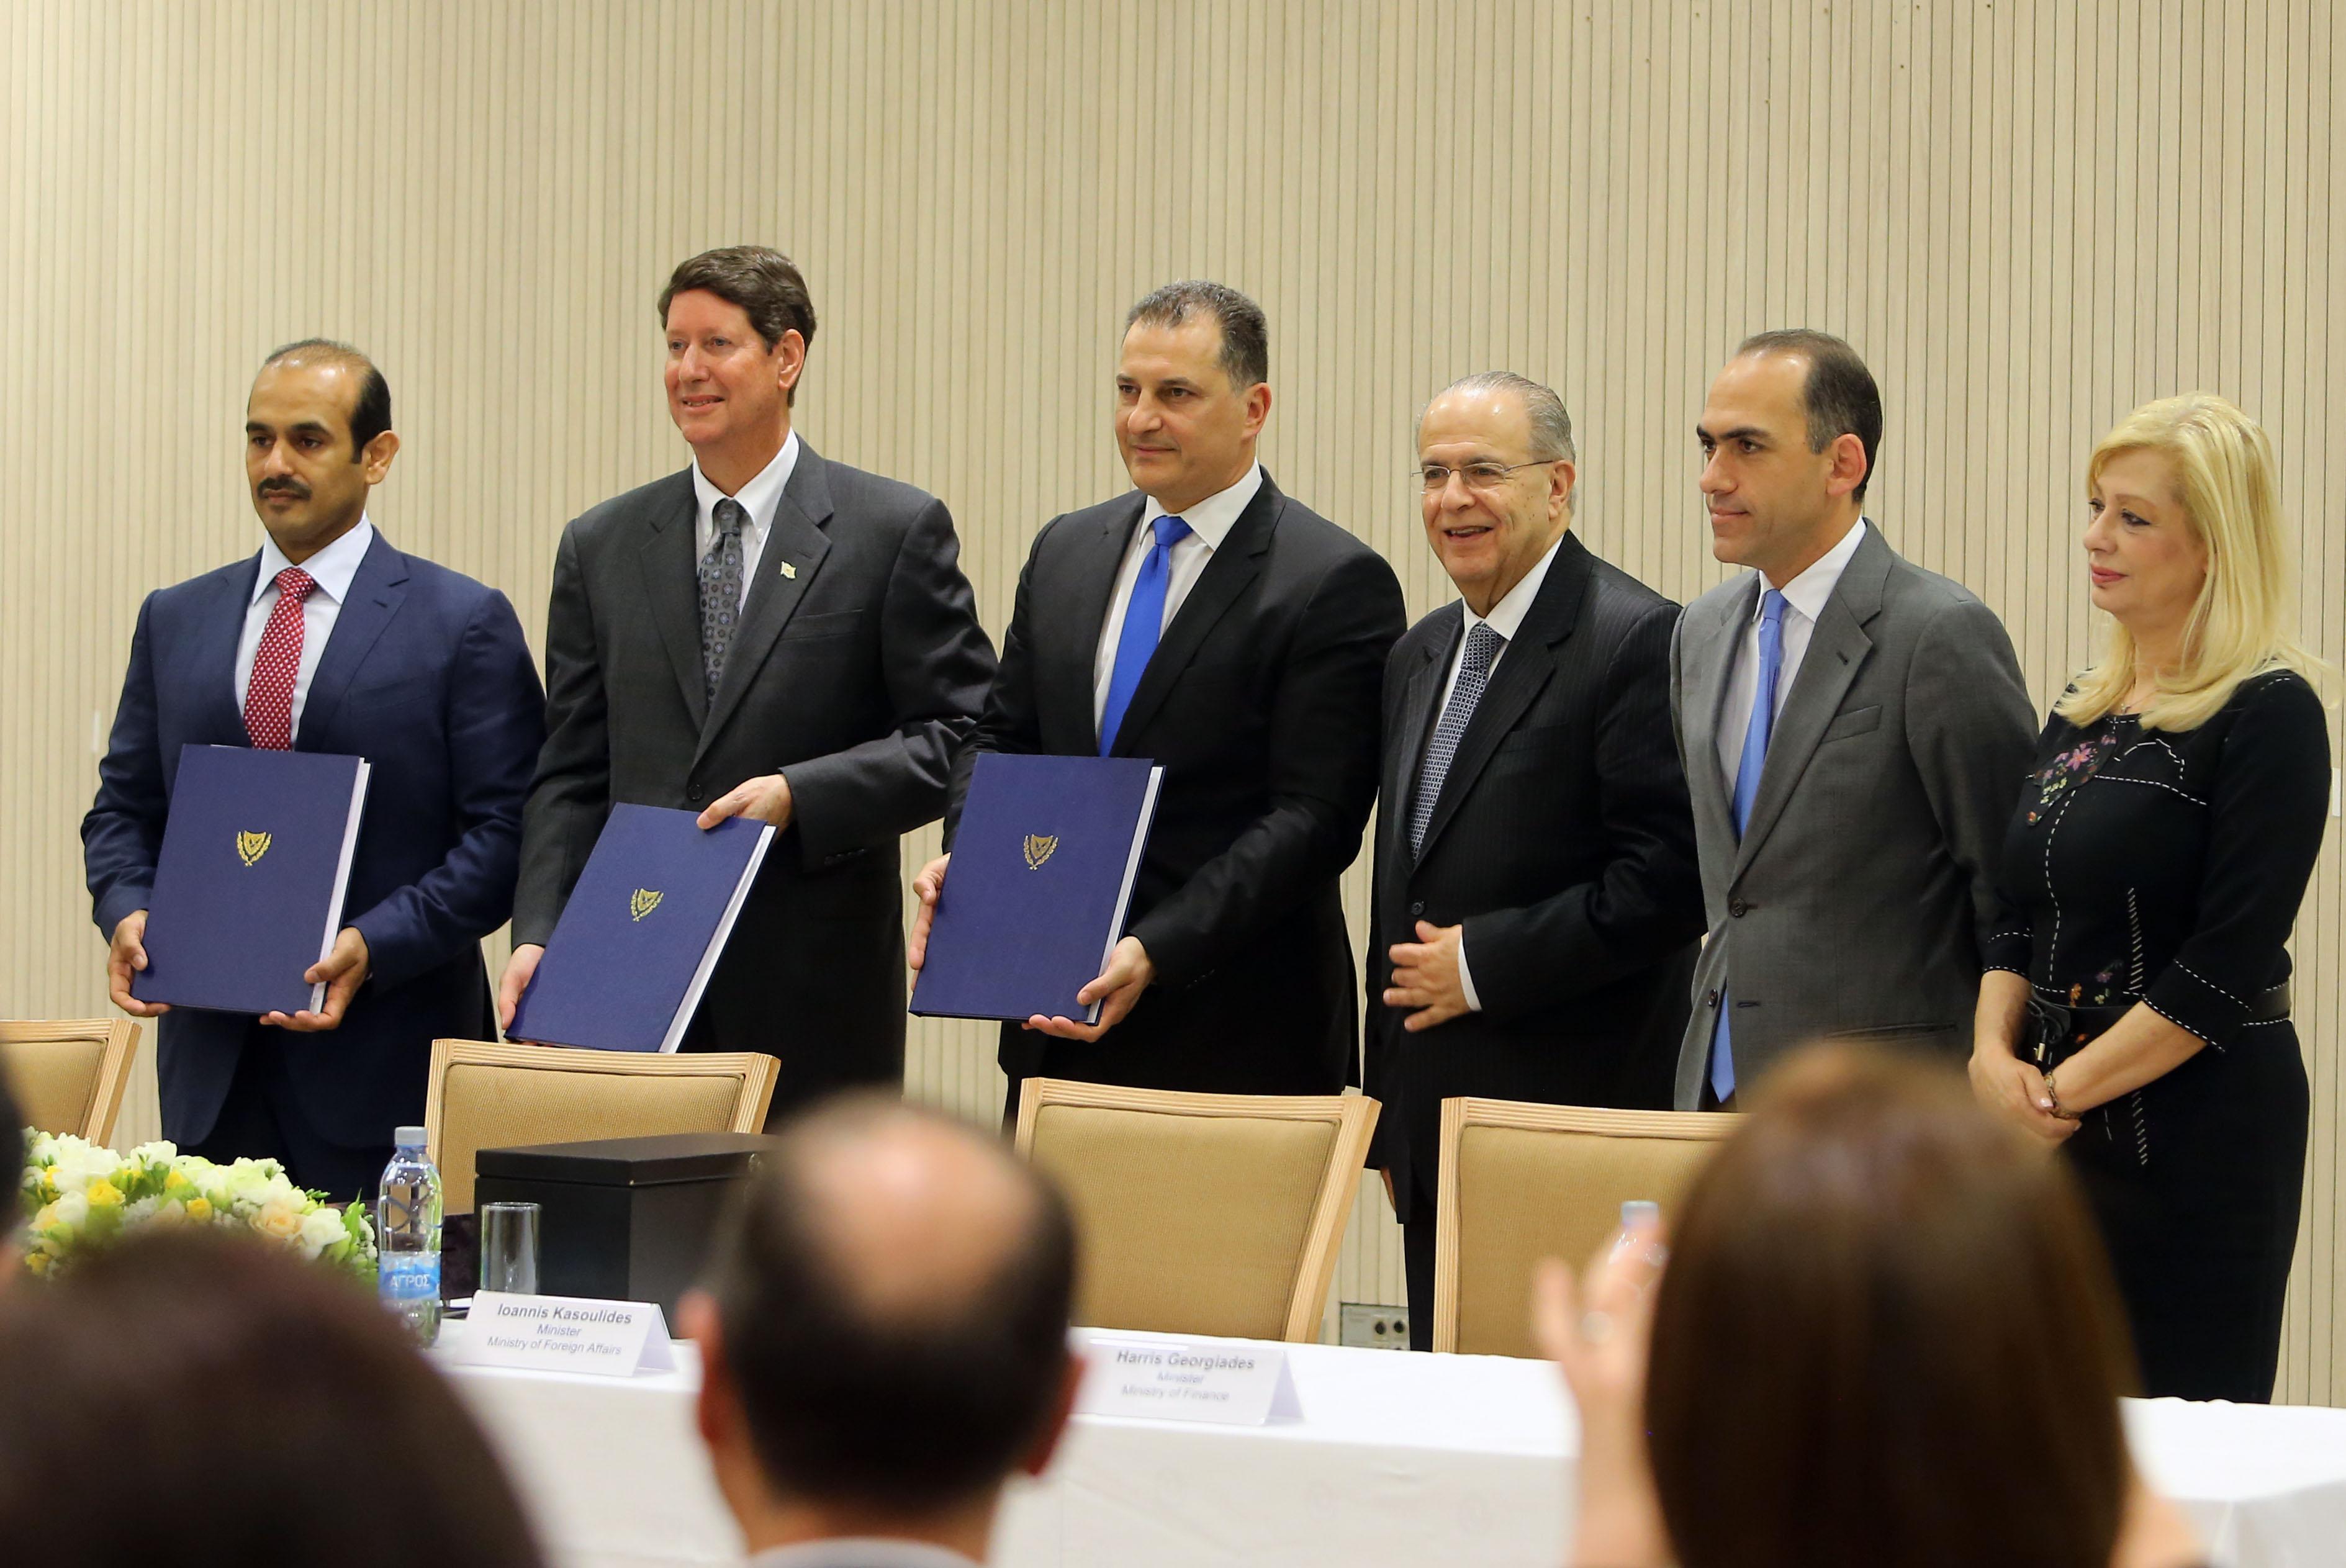 Έπεσαν οι υπογραφές για την εξερεύνηση του τεμαχίου 10 στην κυπριακή ΑΟΖ